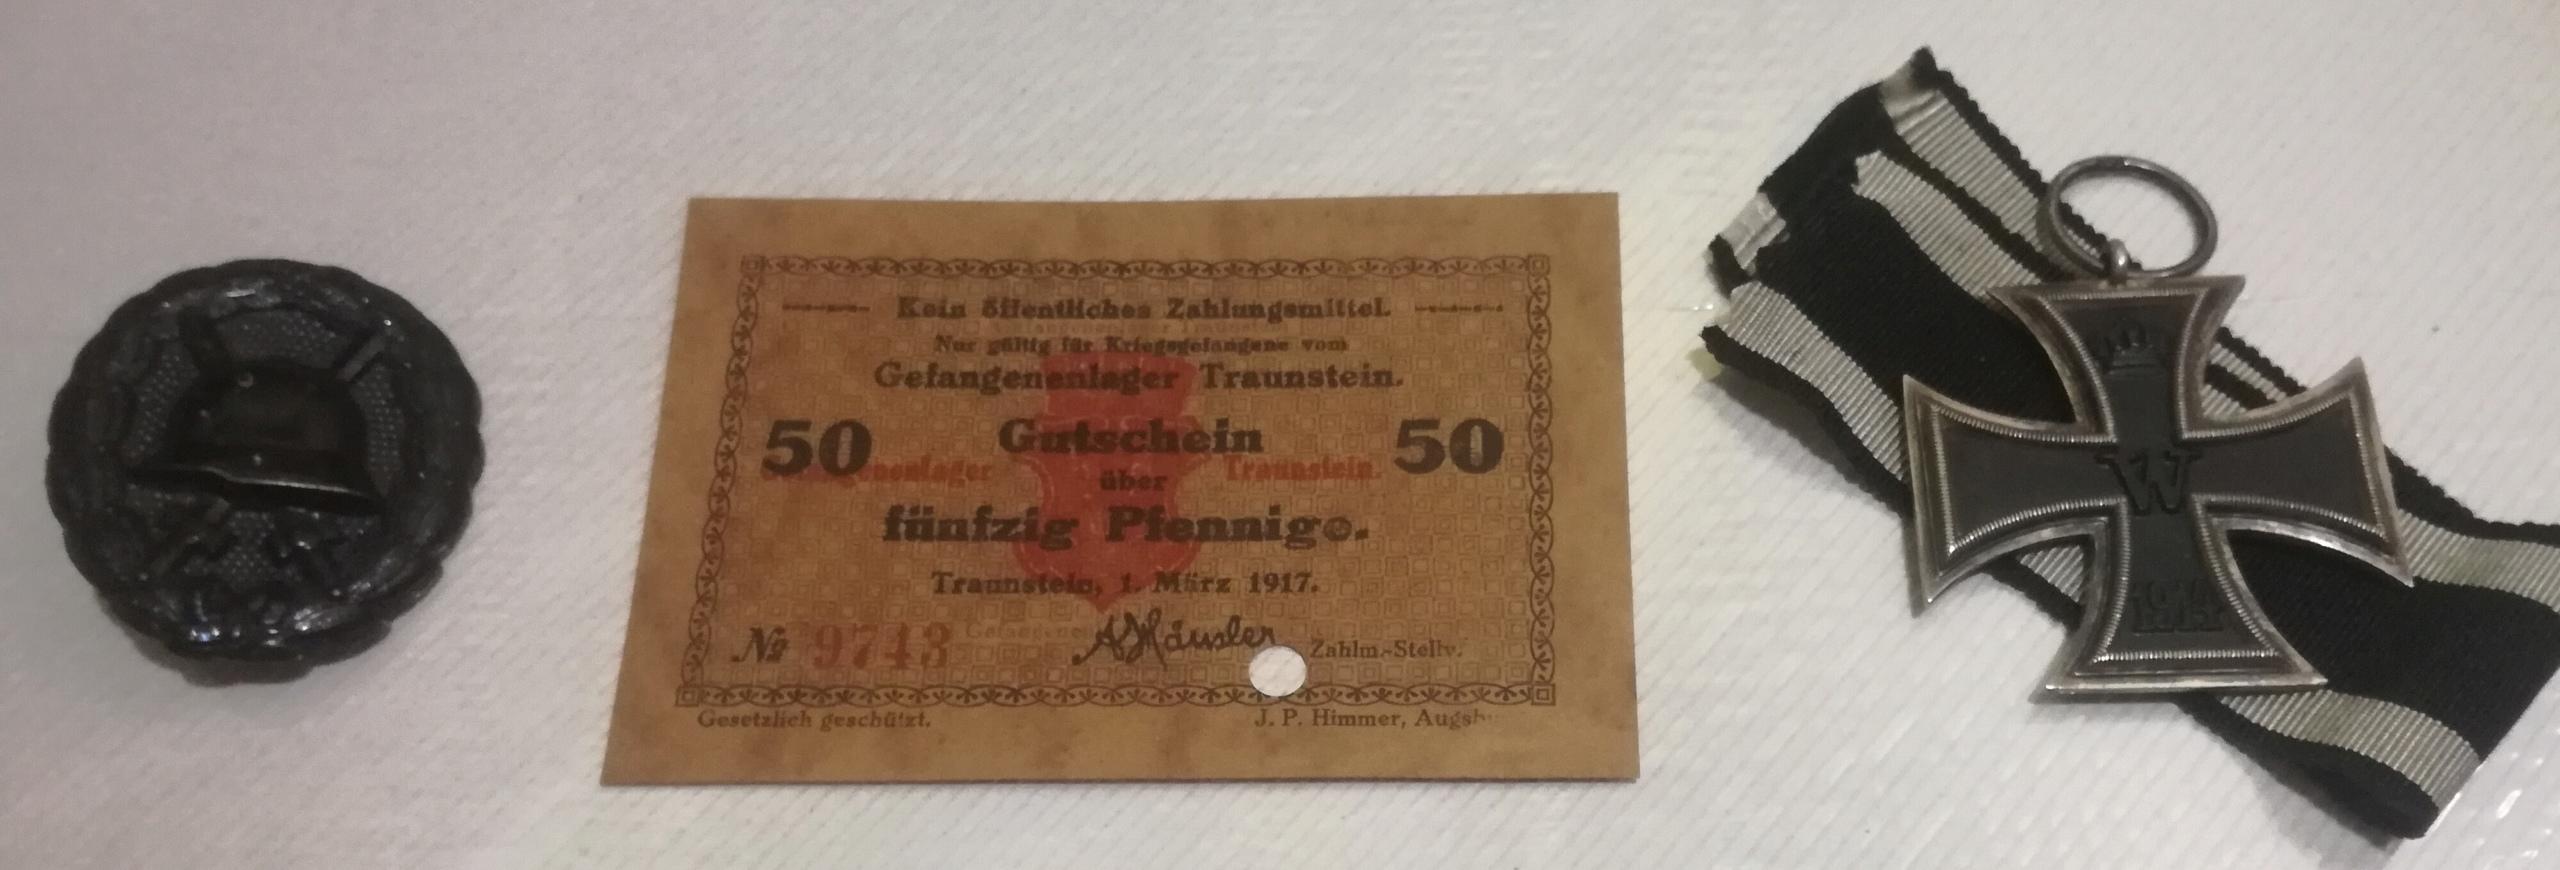 MEDALLAS ALEMANAS 1914-1945. Últimas adquisiciones. - Página 6 Img_2108